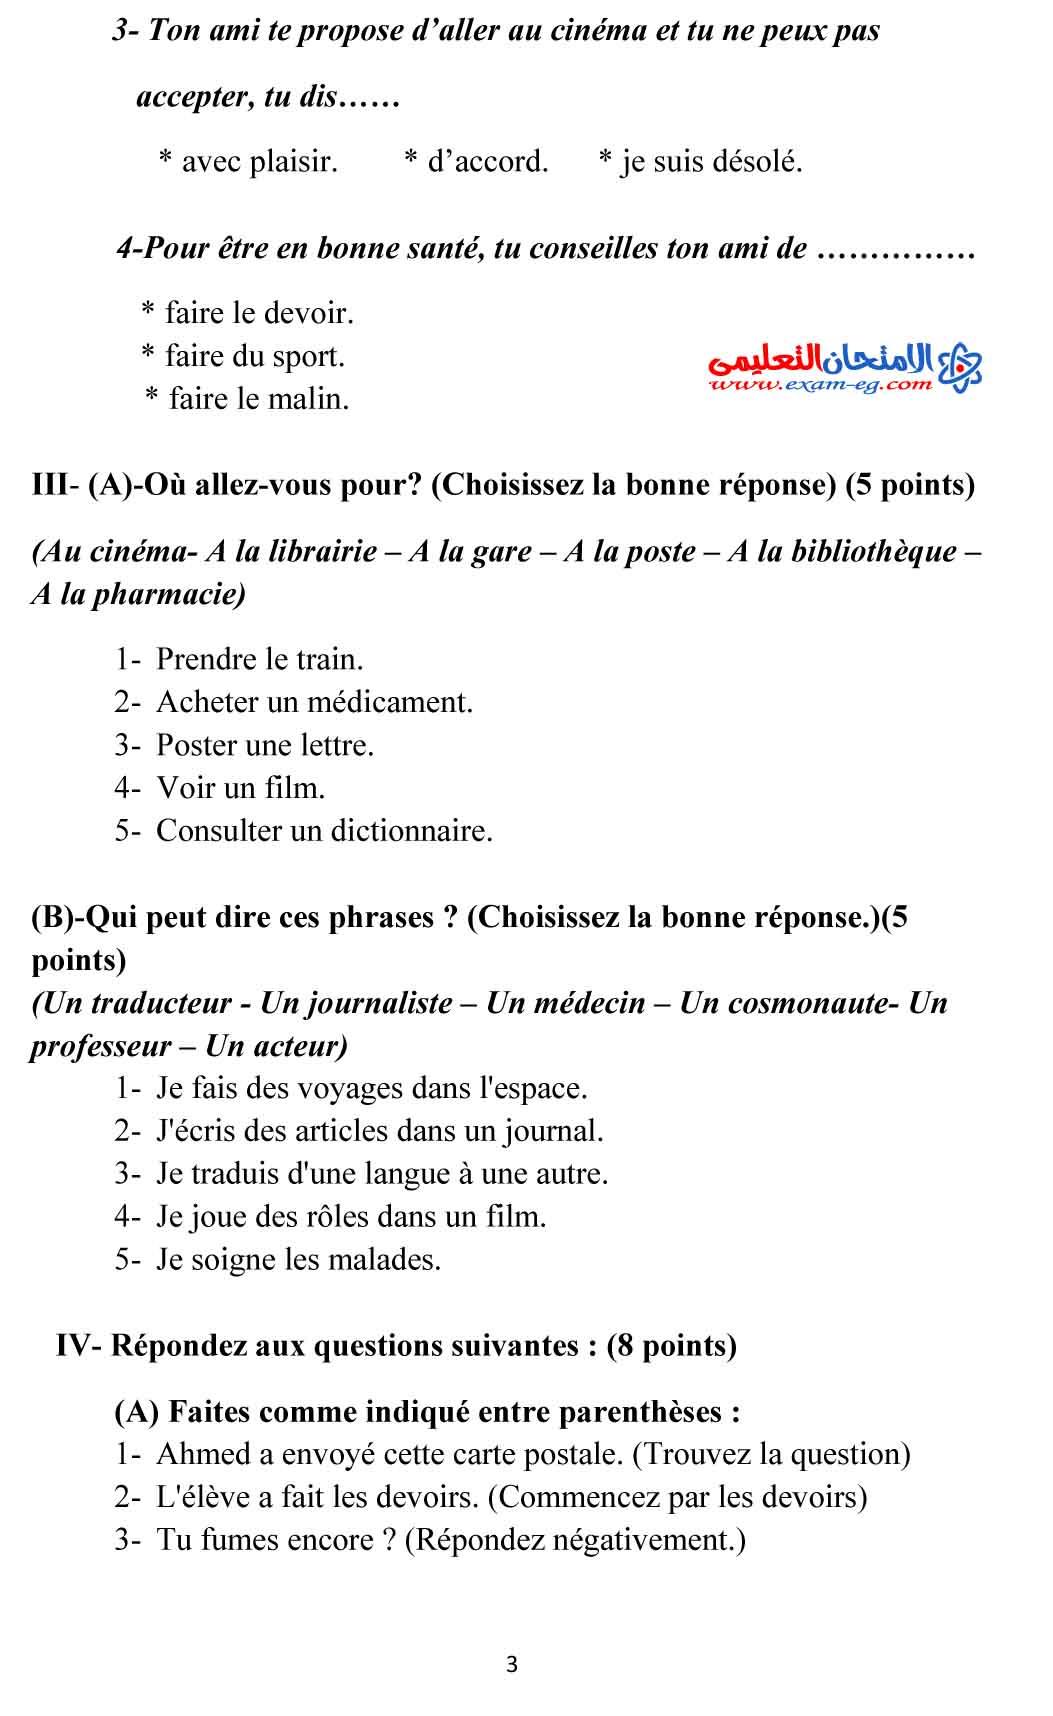 لغة فرنسية 3 - مدرسة اون لاين-3